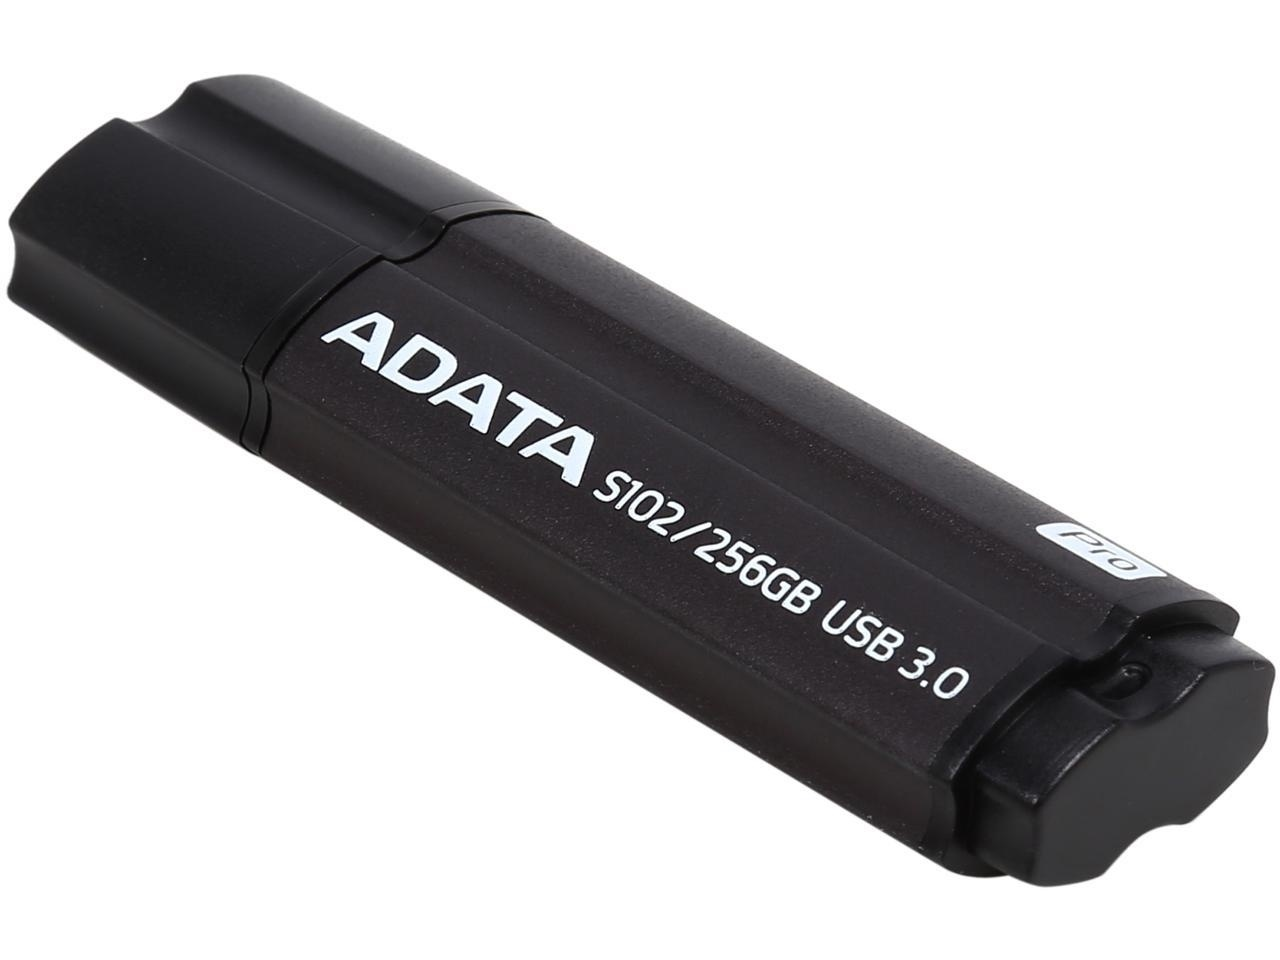 ADATA S102 Pro Advanced USB 3.2 Flash Drive (256GB, Grey)